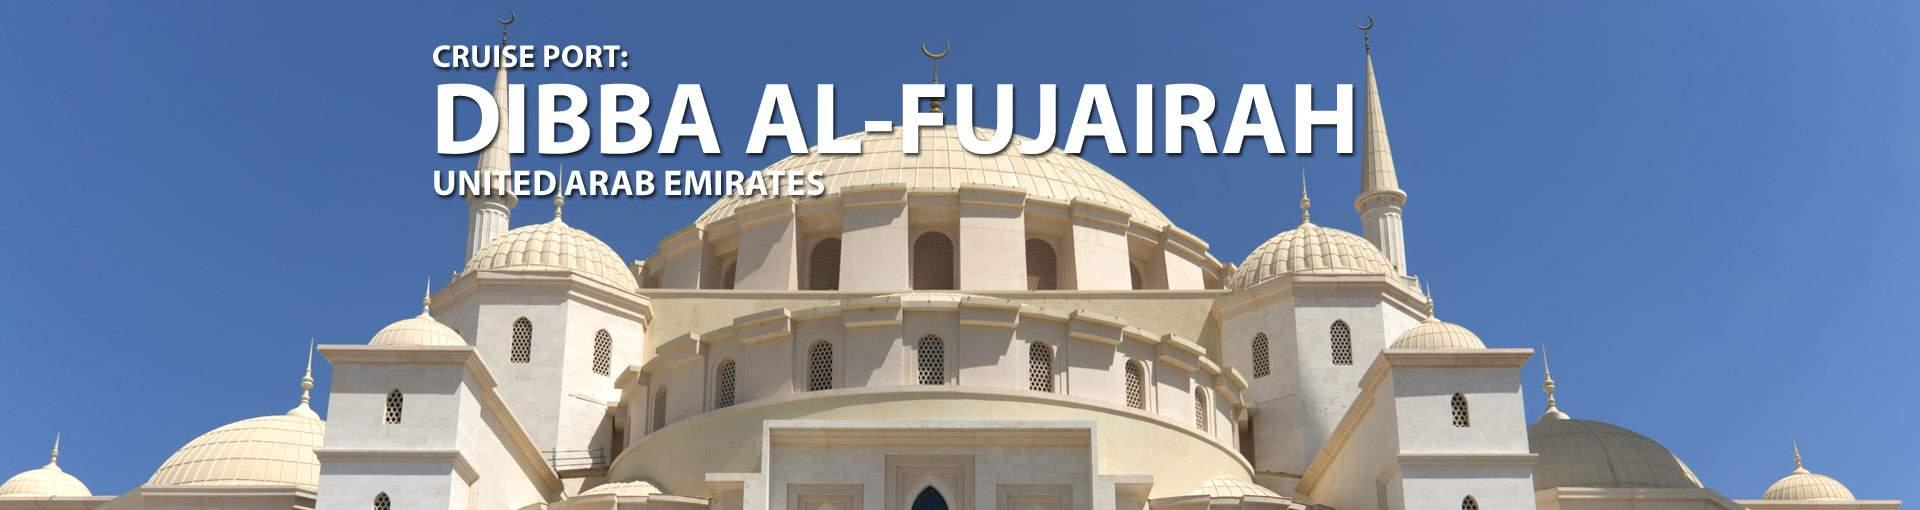 Cruises to Dibba Al-Fujairah, UAE